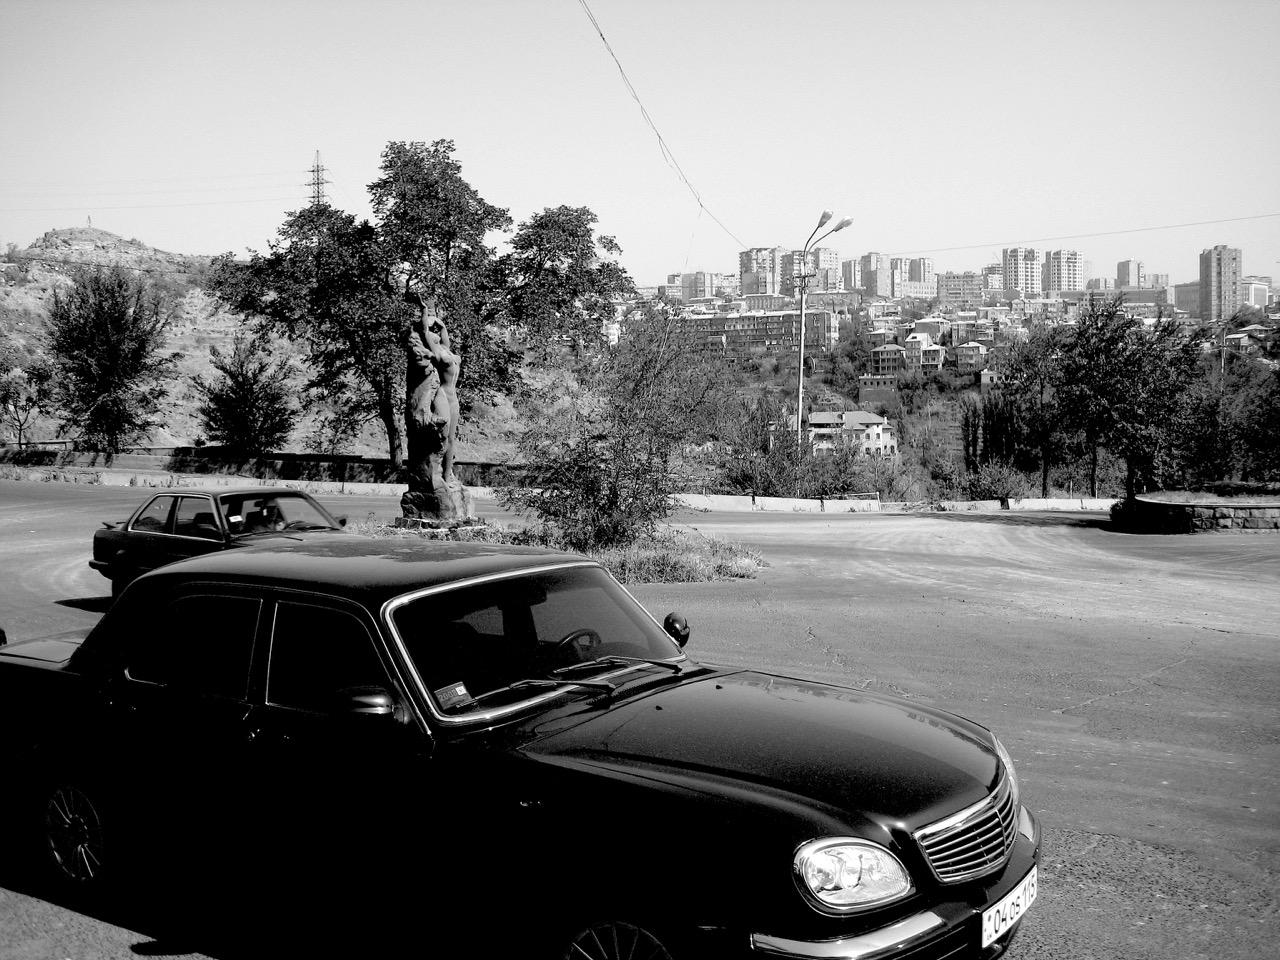 Foto: Eriwaner Straßenzene. Aus: Eriwan. Aufzeichnungen aus Armenien von Marc Degens. Kapitel 1.